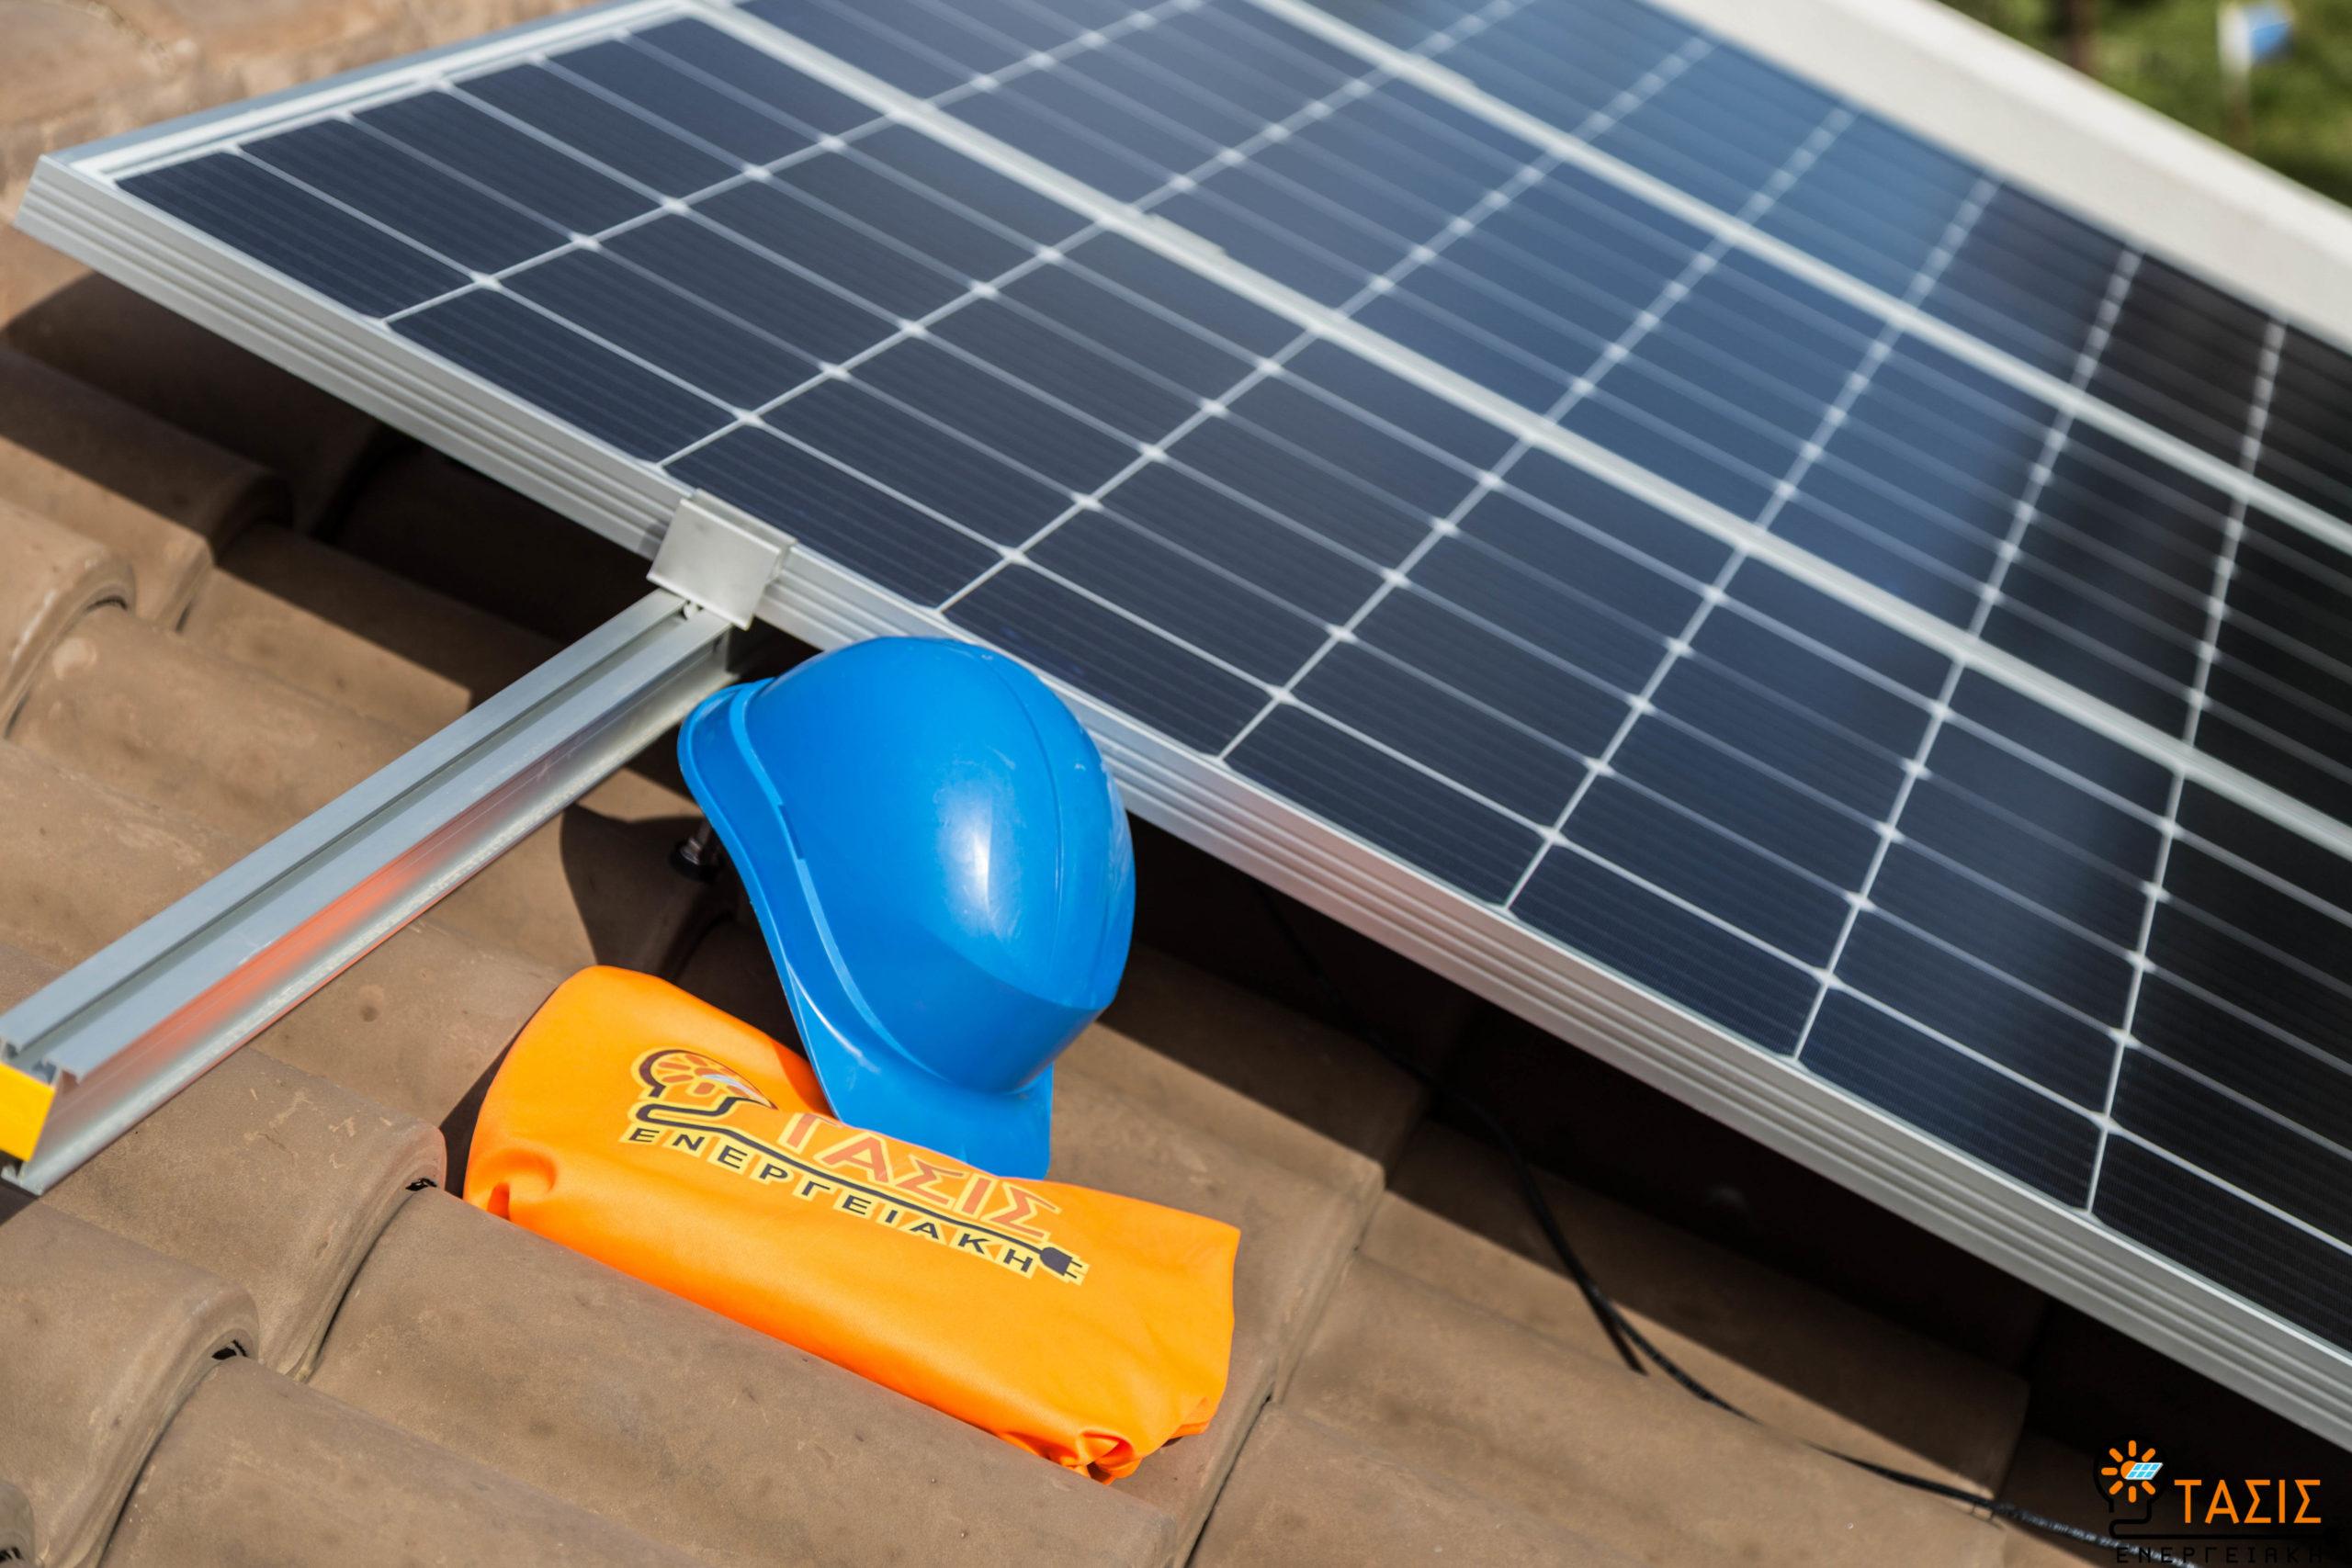 Φωτοβολταϊκό Σύστημα με Ενεργειακό Συμψηφισμό (Net Metering) στην Διώνη από την ΤΑΣΙΣ Ενεργειακή